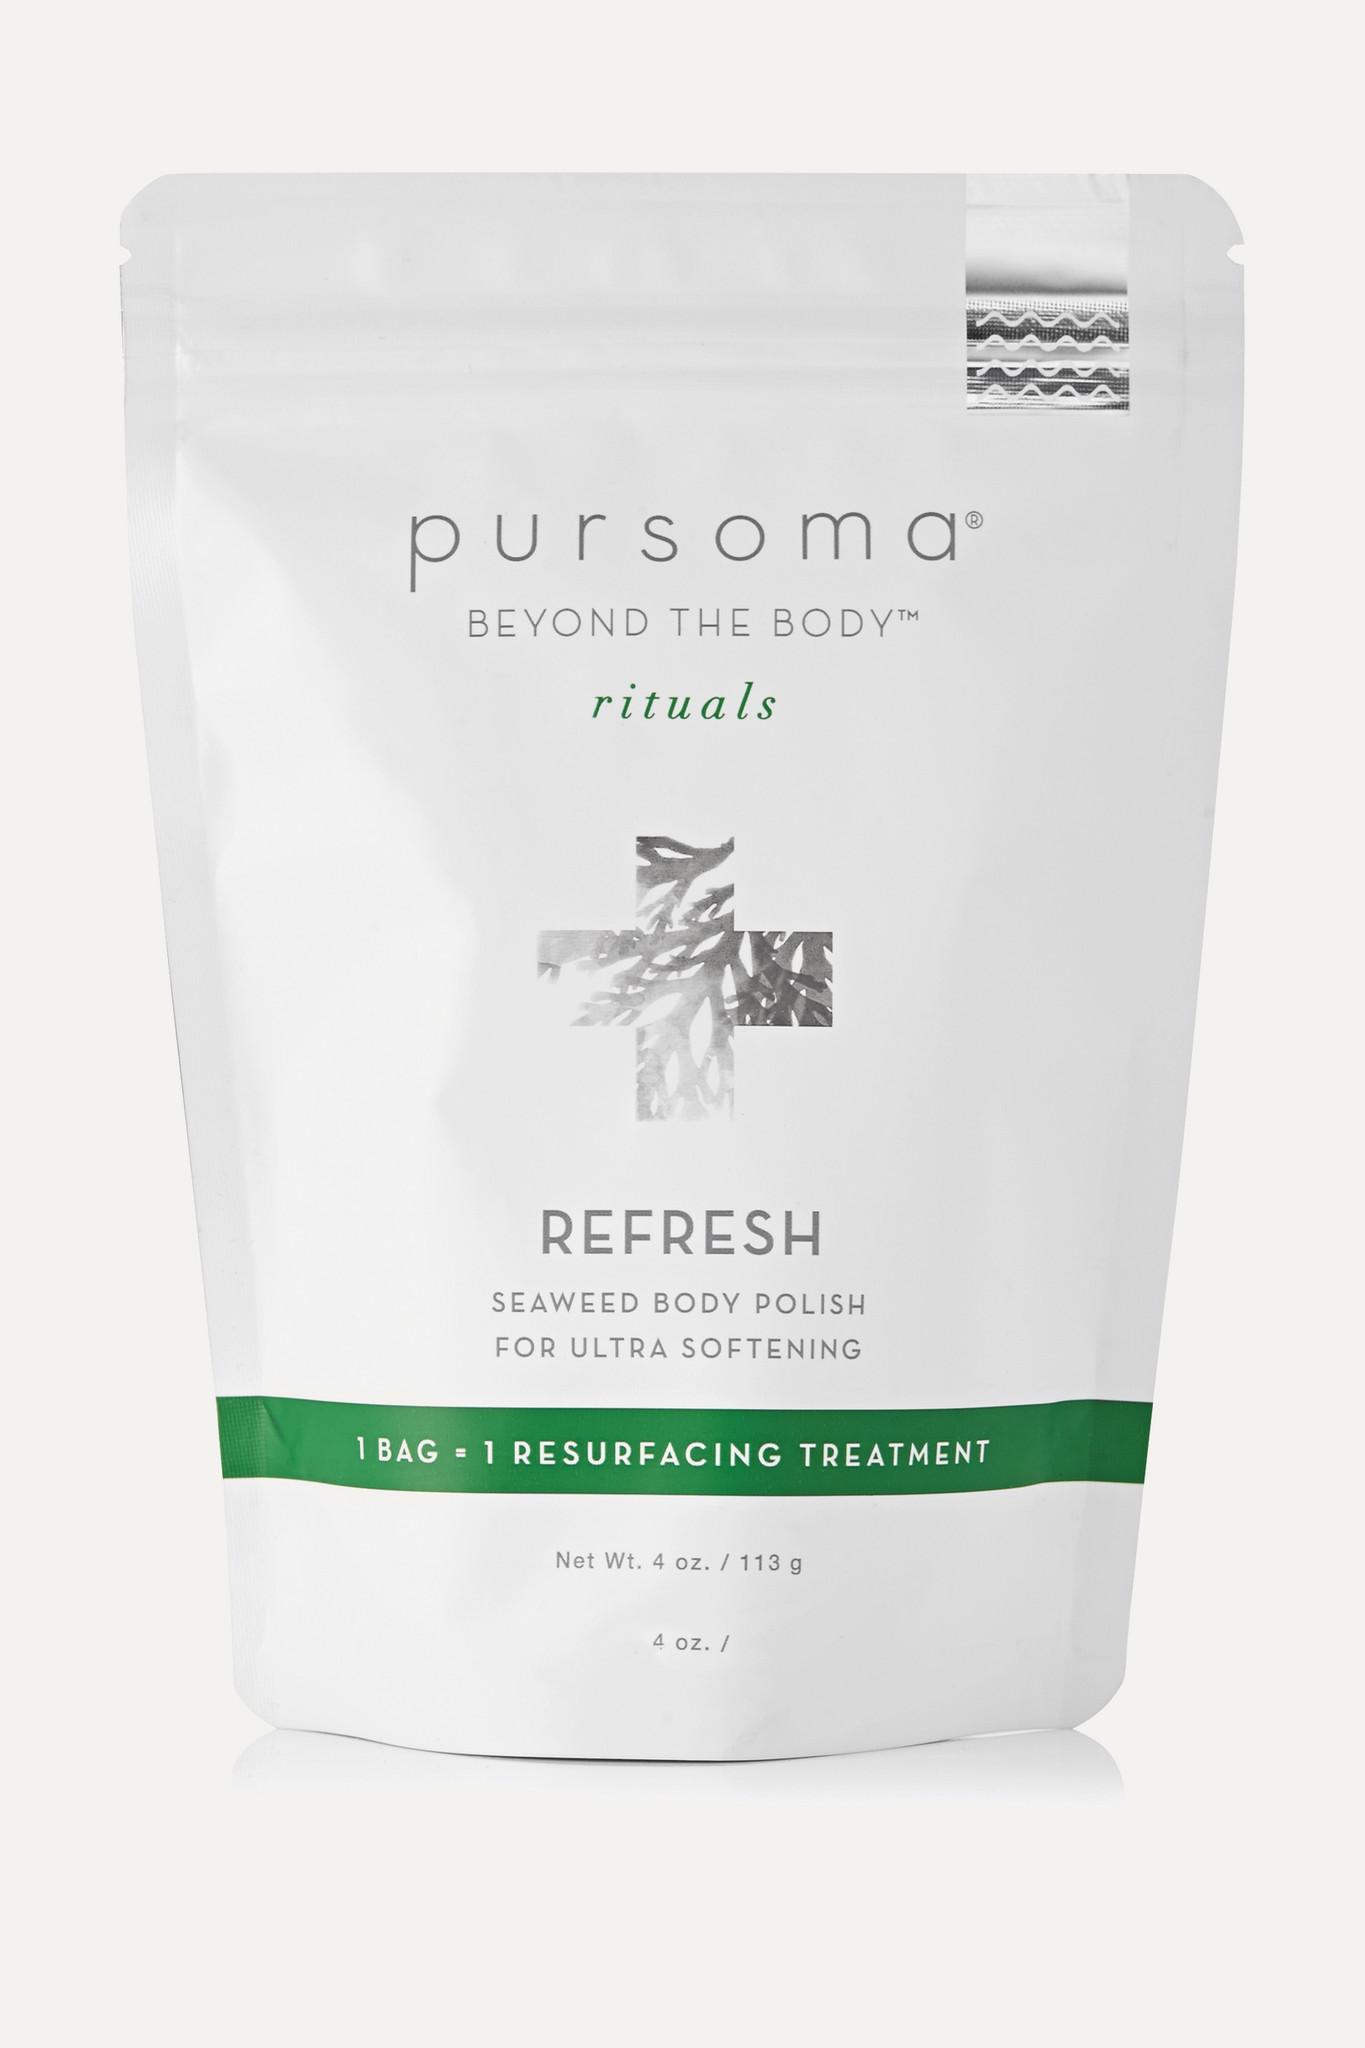 PURSOMA - 海藻焕肤身体磨砂膏,113g - 无色 - one size